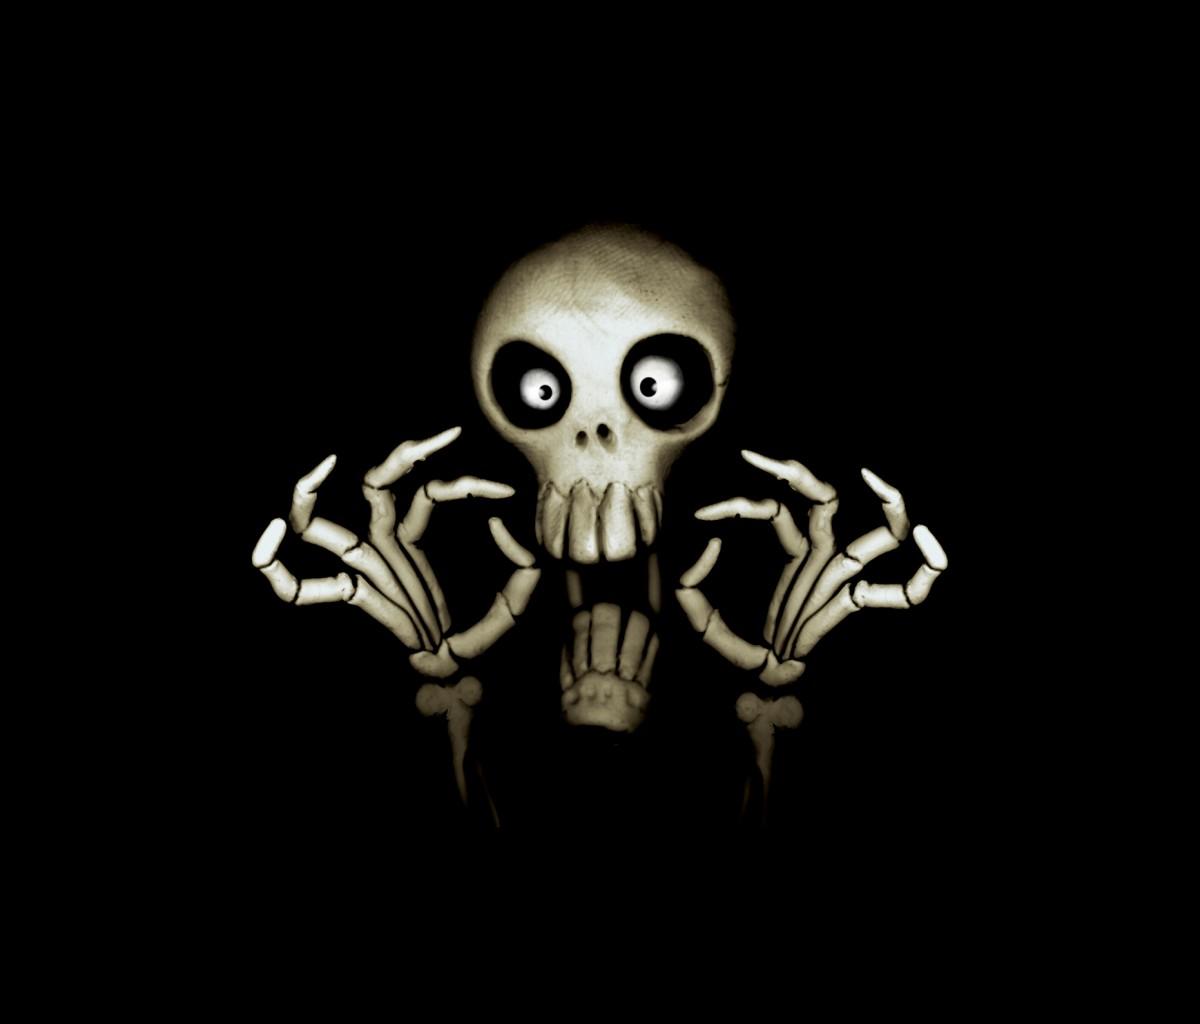 funny skull 1200x1024 screensaver wallpaper funny skull windows 7 1200x1024